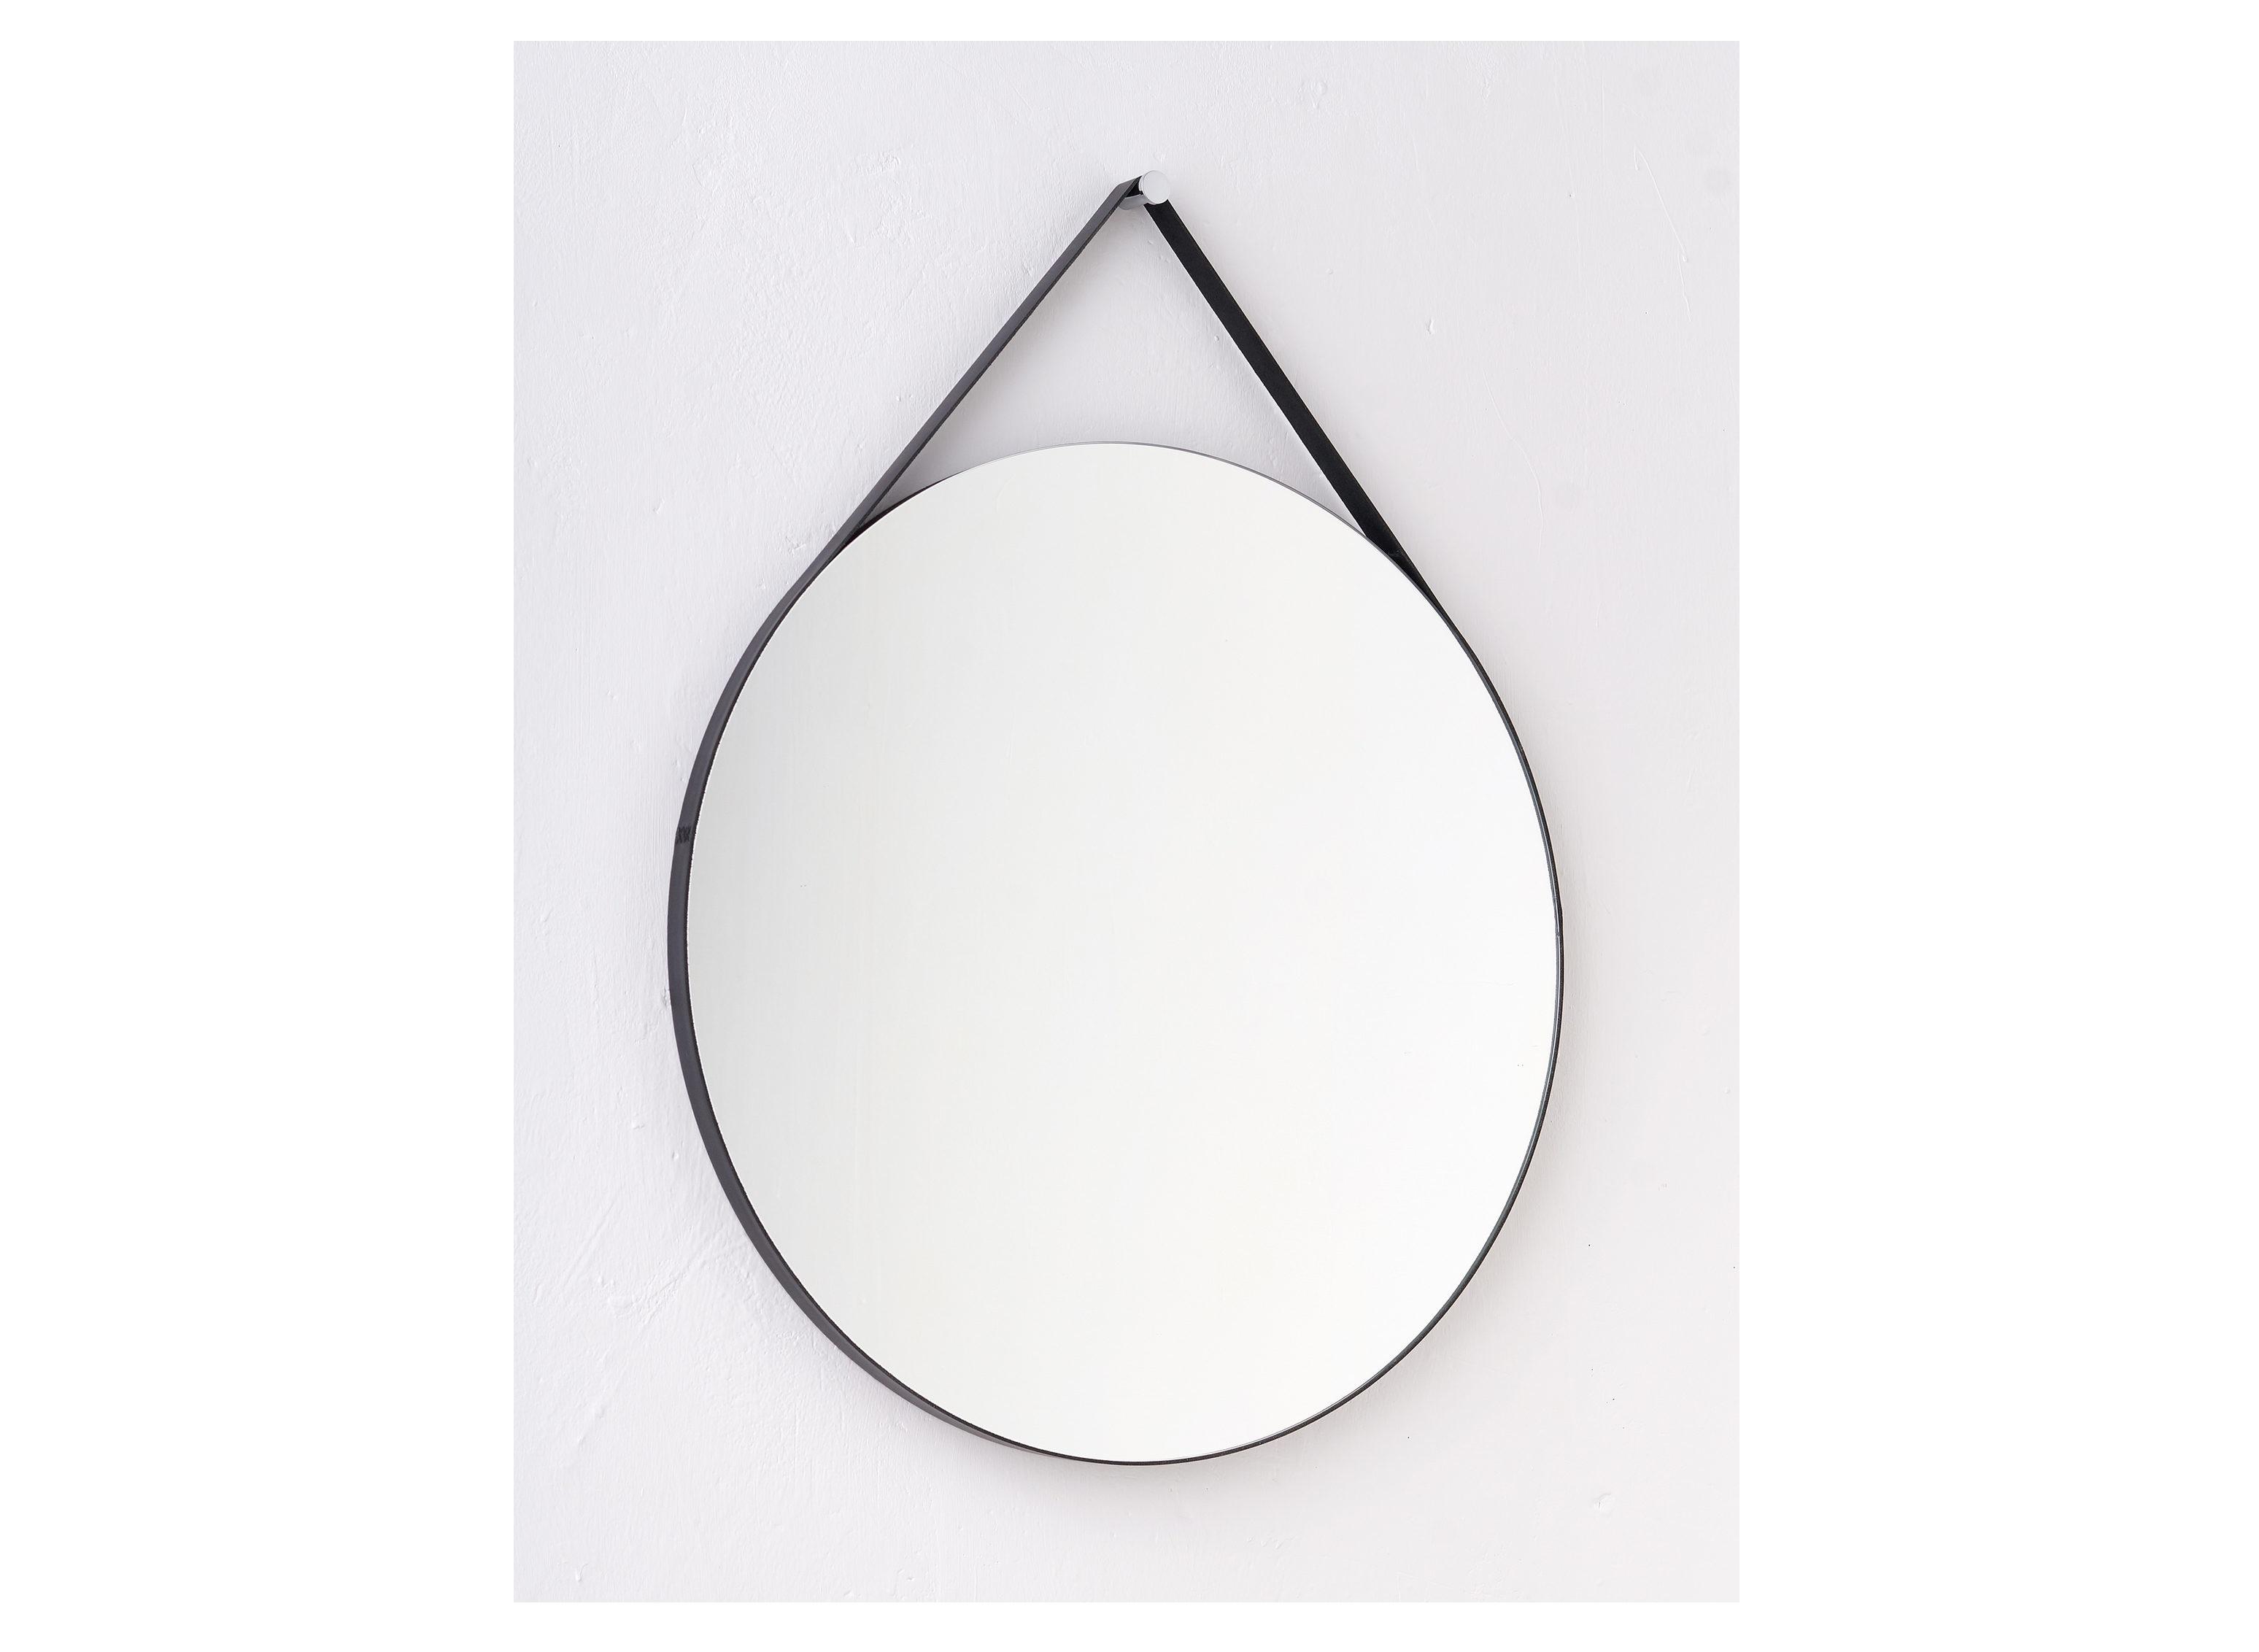 Круглое зеркало на ремне (banska) черный 62x76x2.4 см.